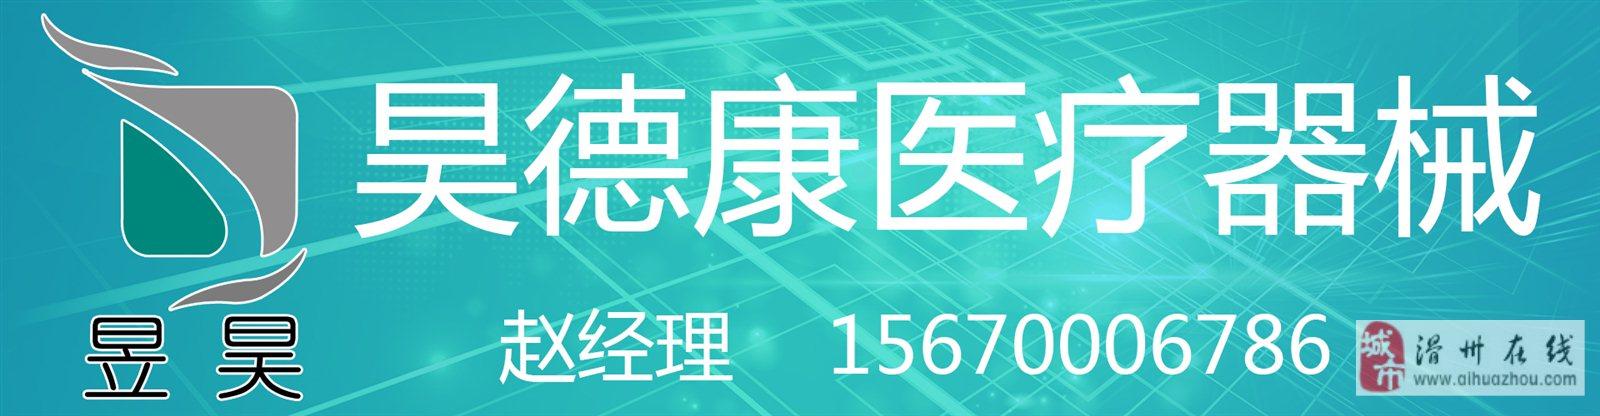 河南省昊德康�t��器械有限�任公司